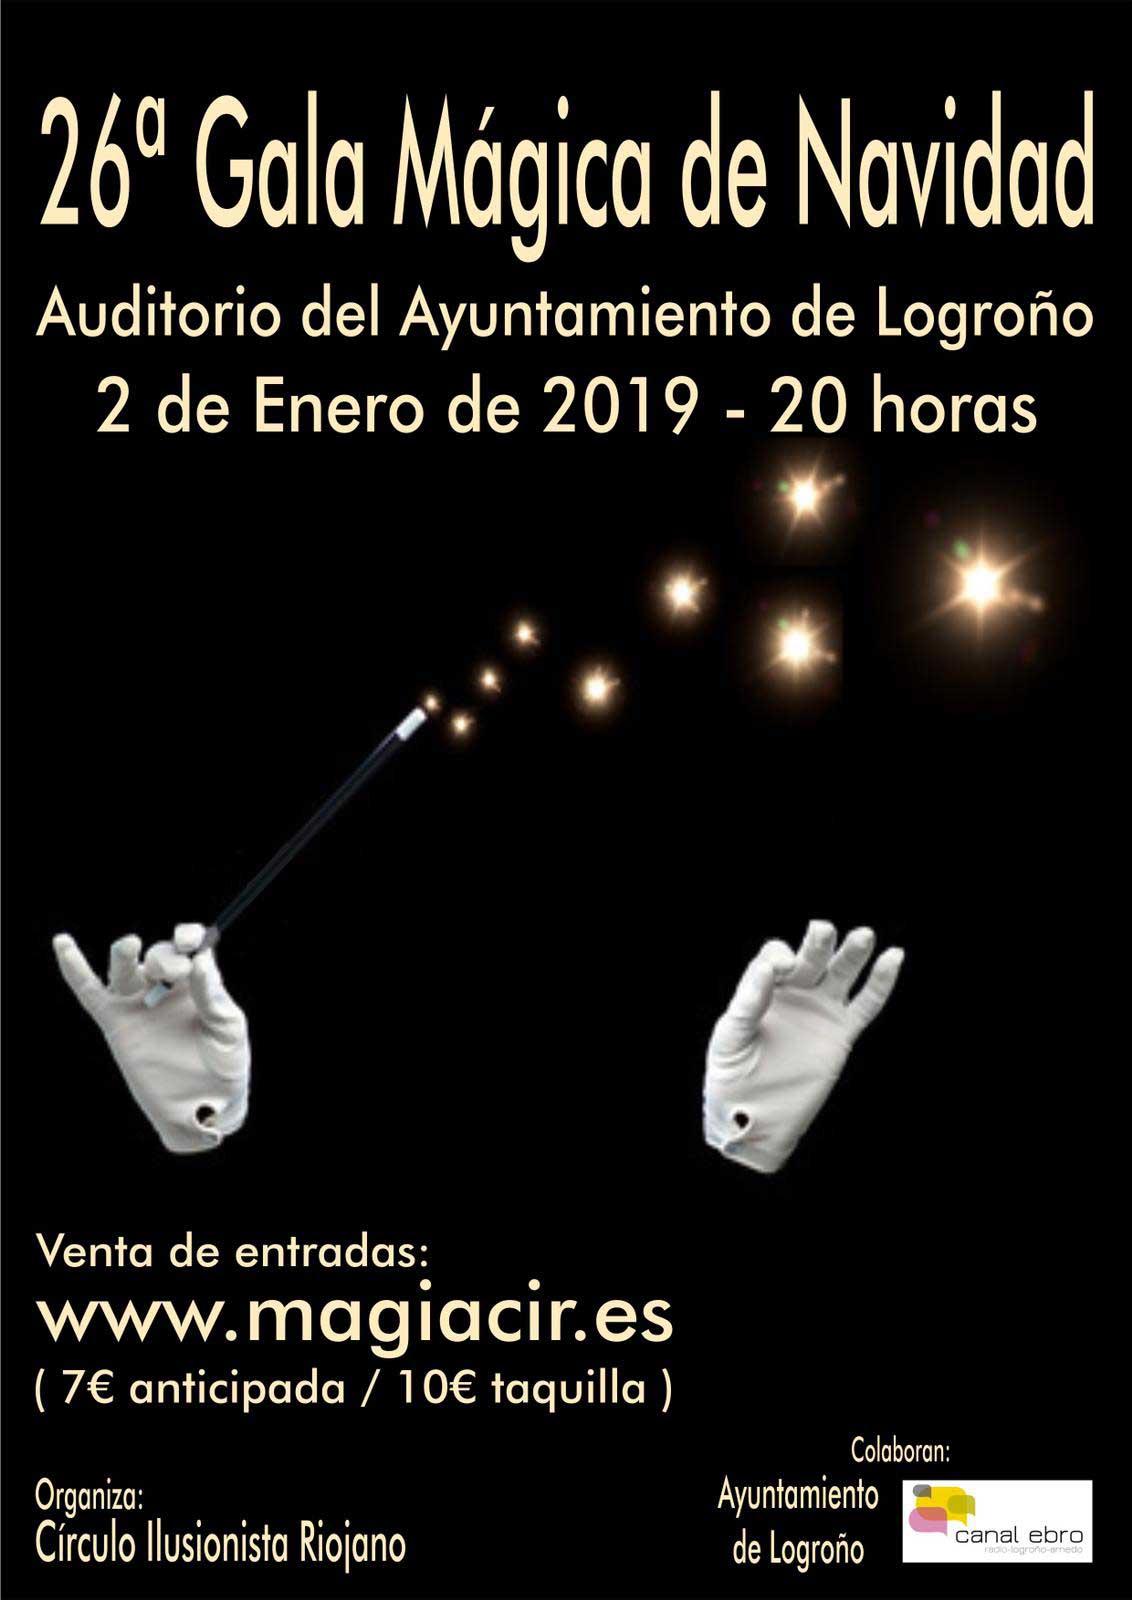 26-gala-magica-de-navidad